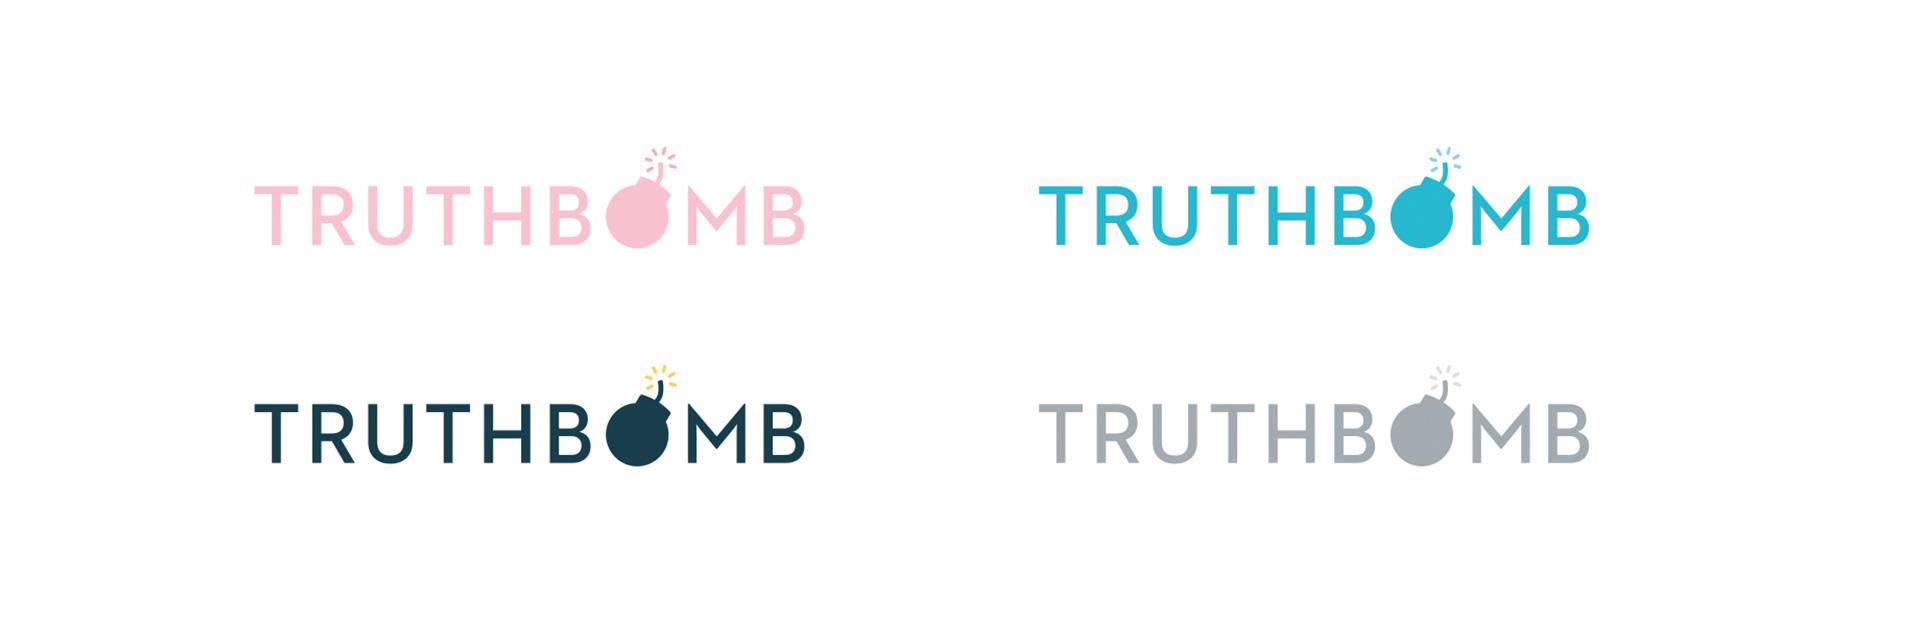 ZanBarnett-Branding-TB-Logo1.jpg